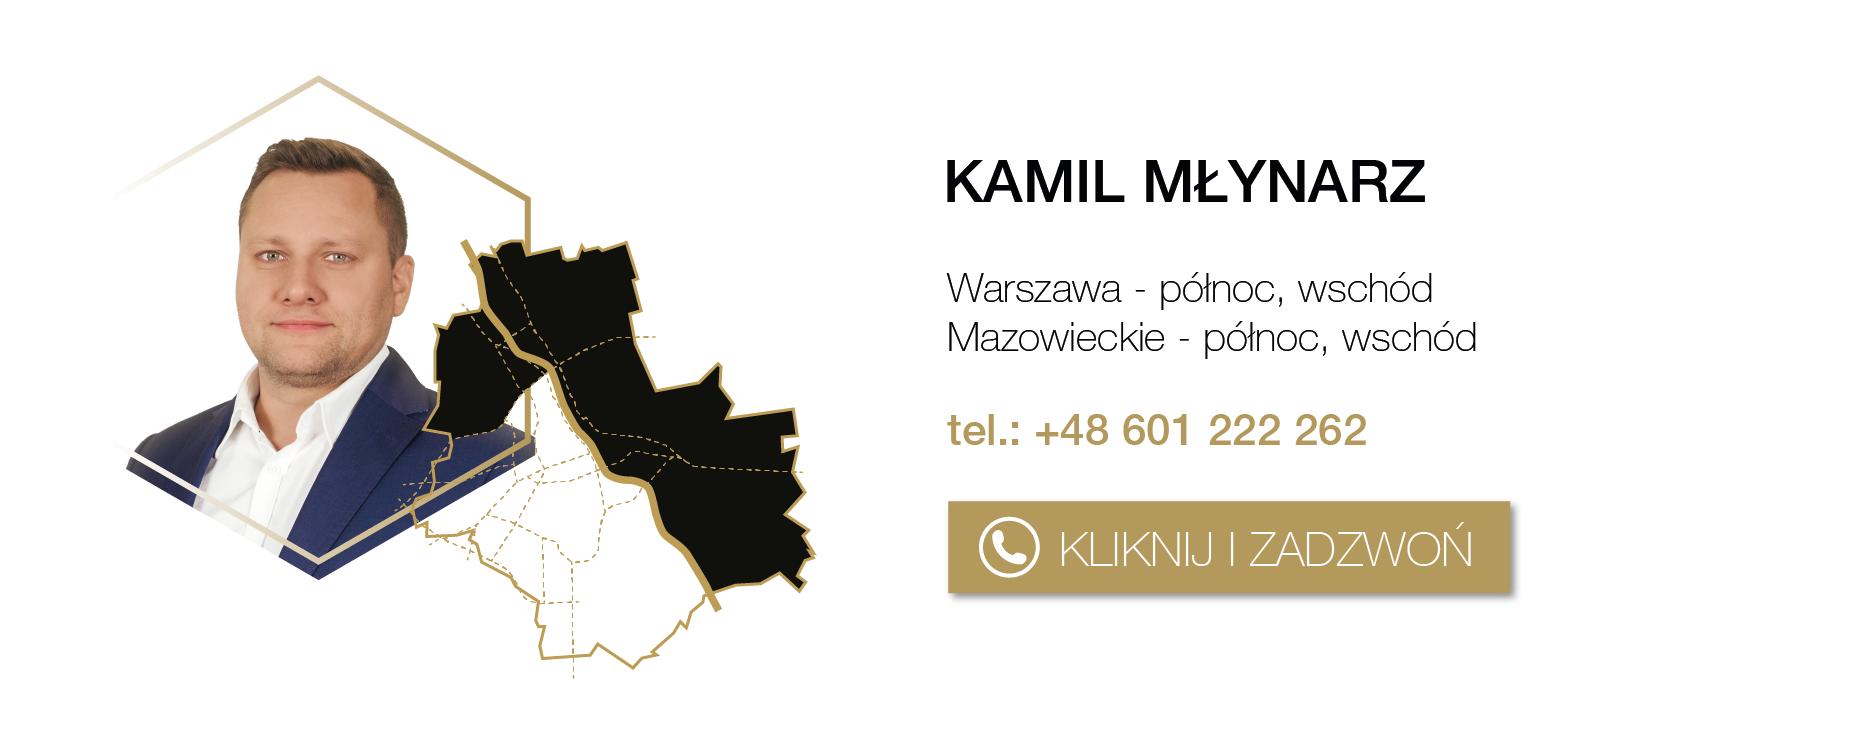 Kamil Młynarz